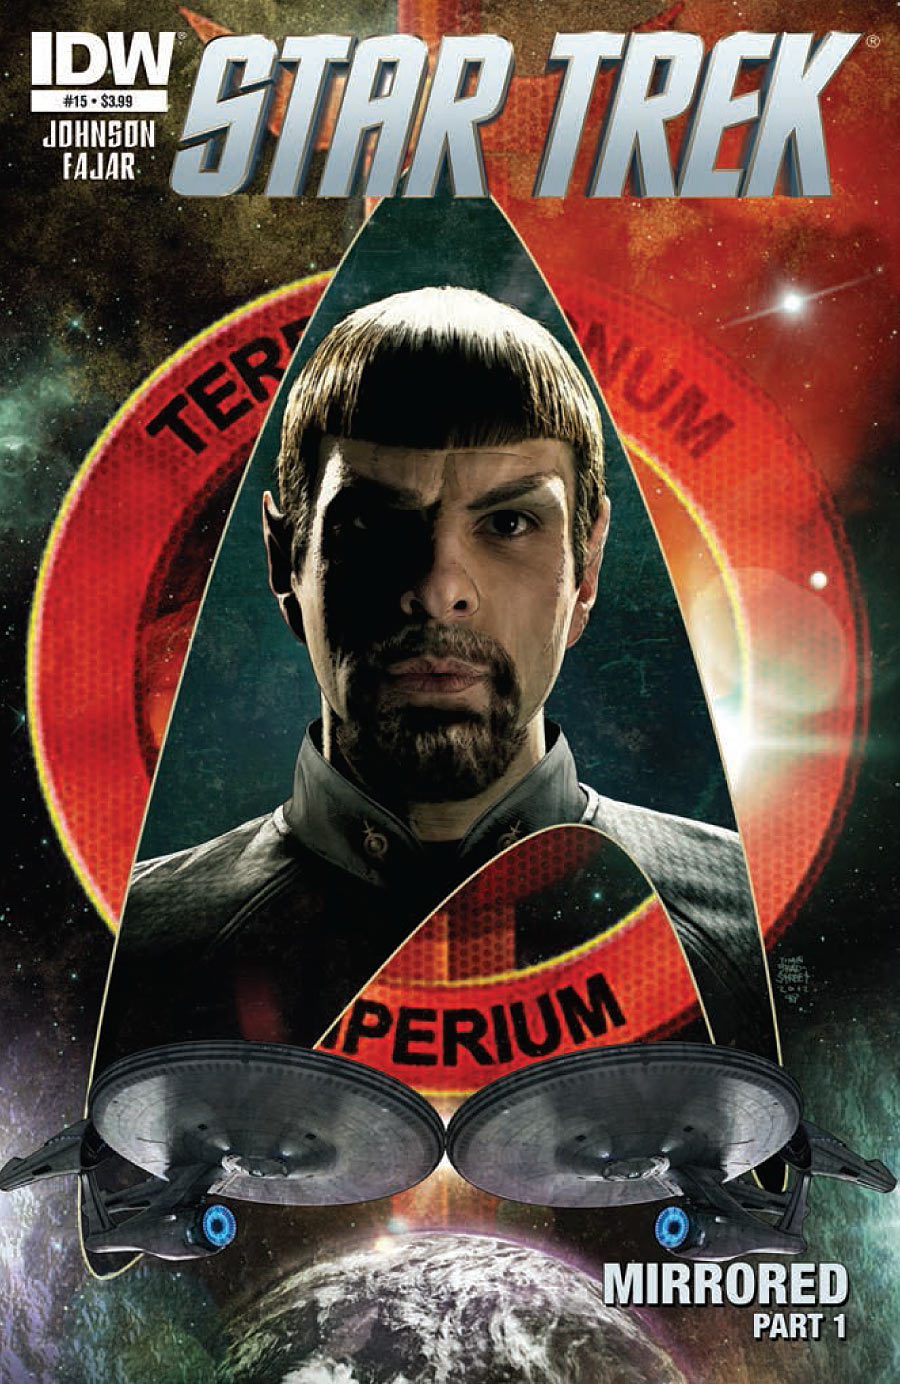 Star Trek 15 C Weekly Comic Reviews 11/21